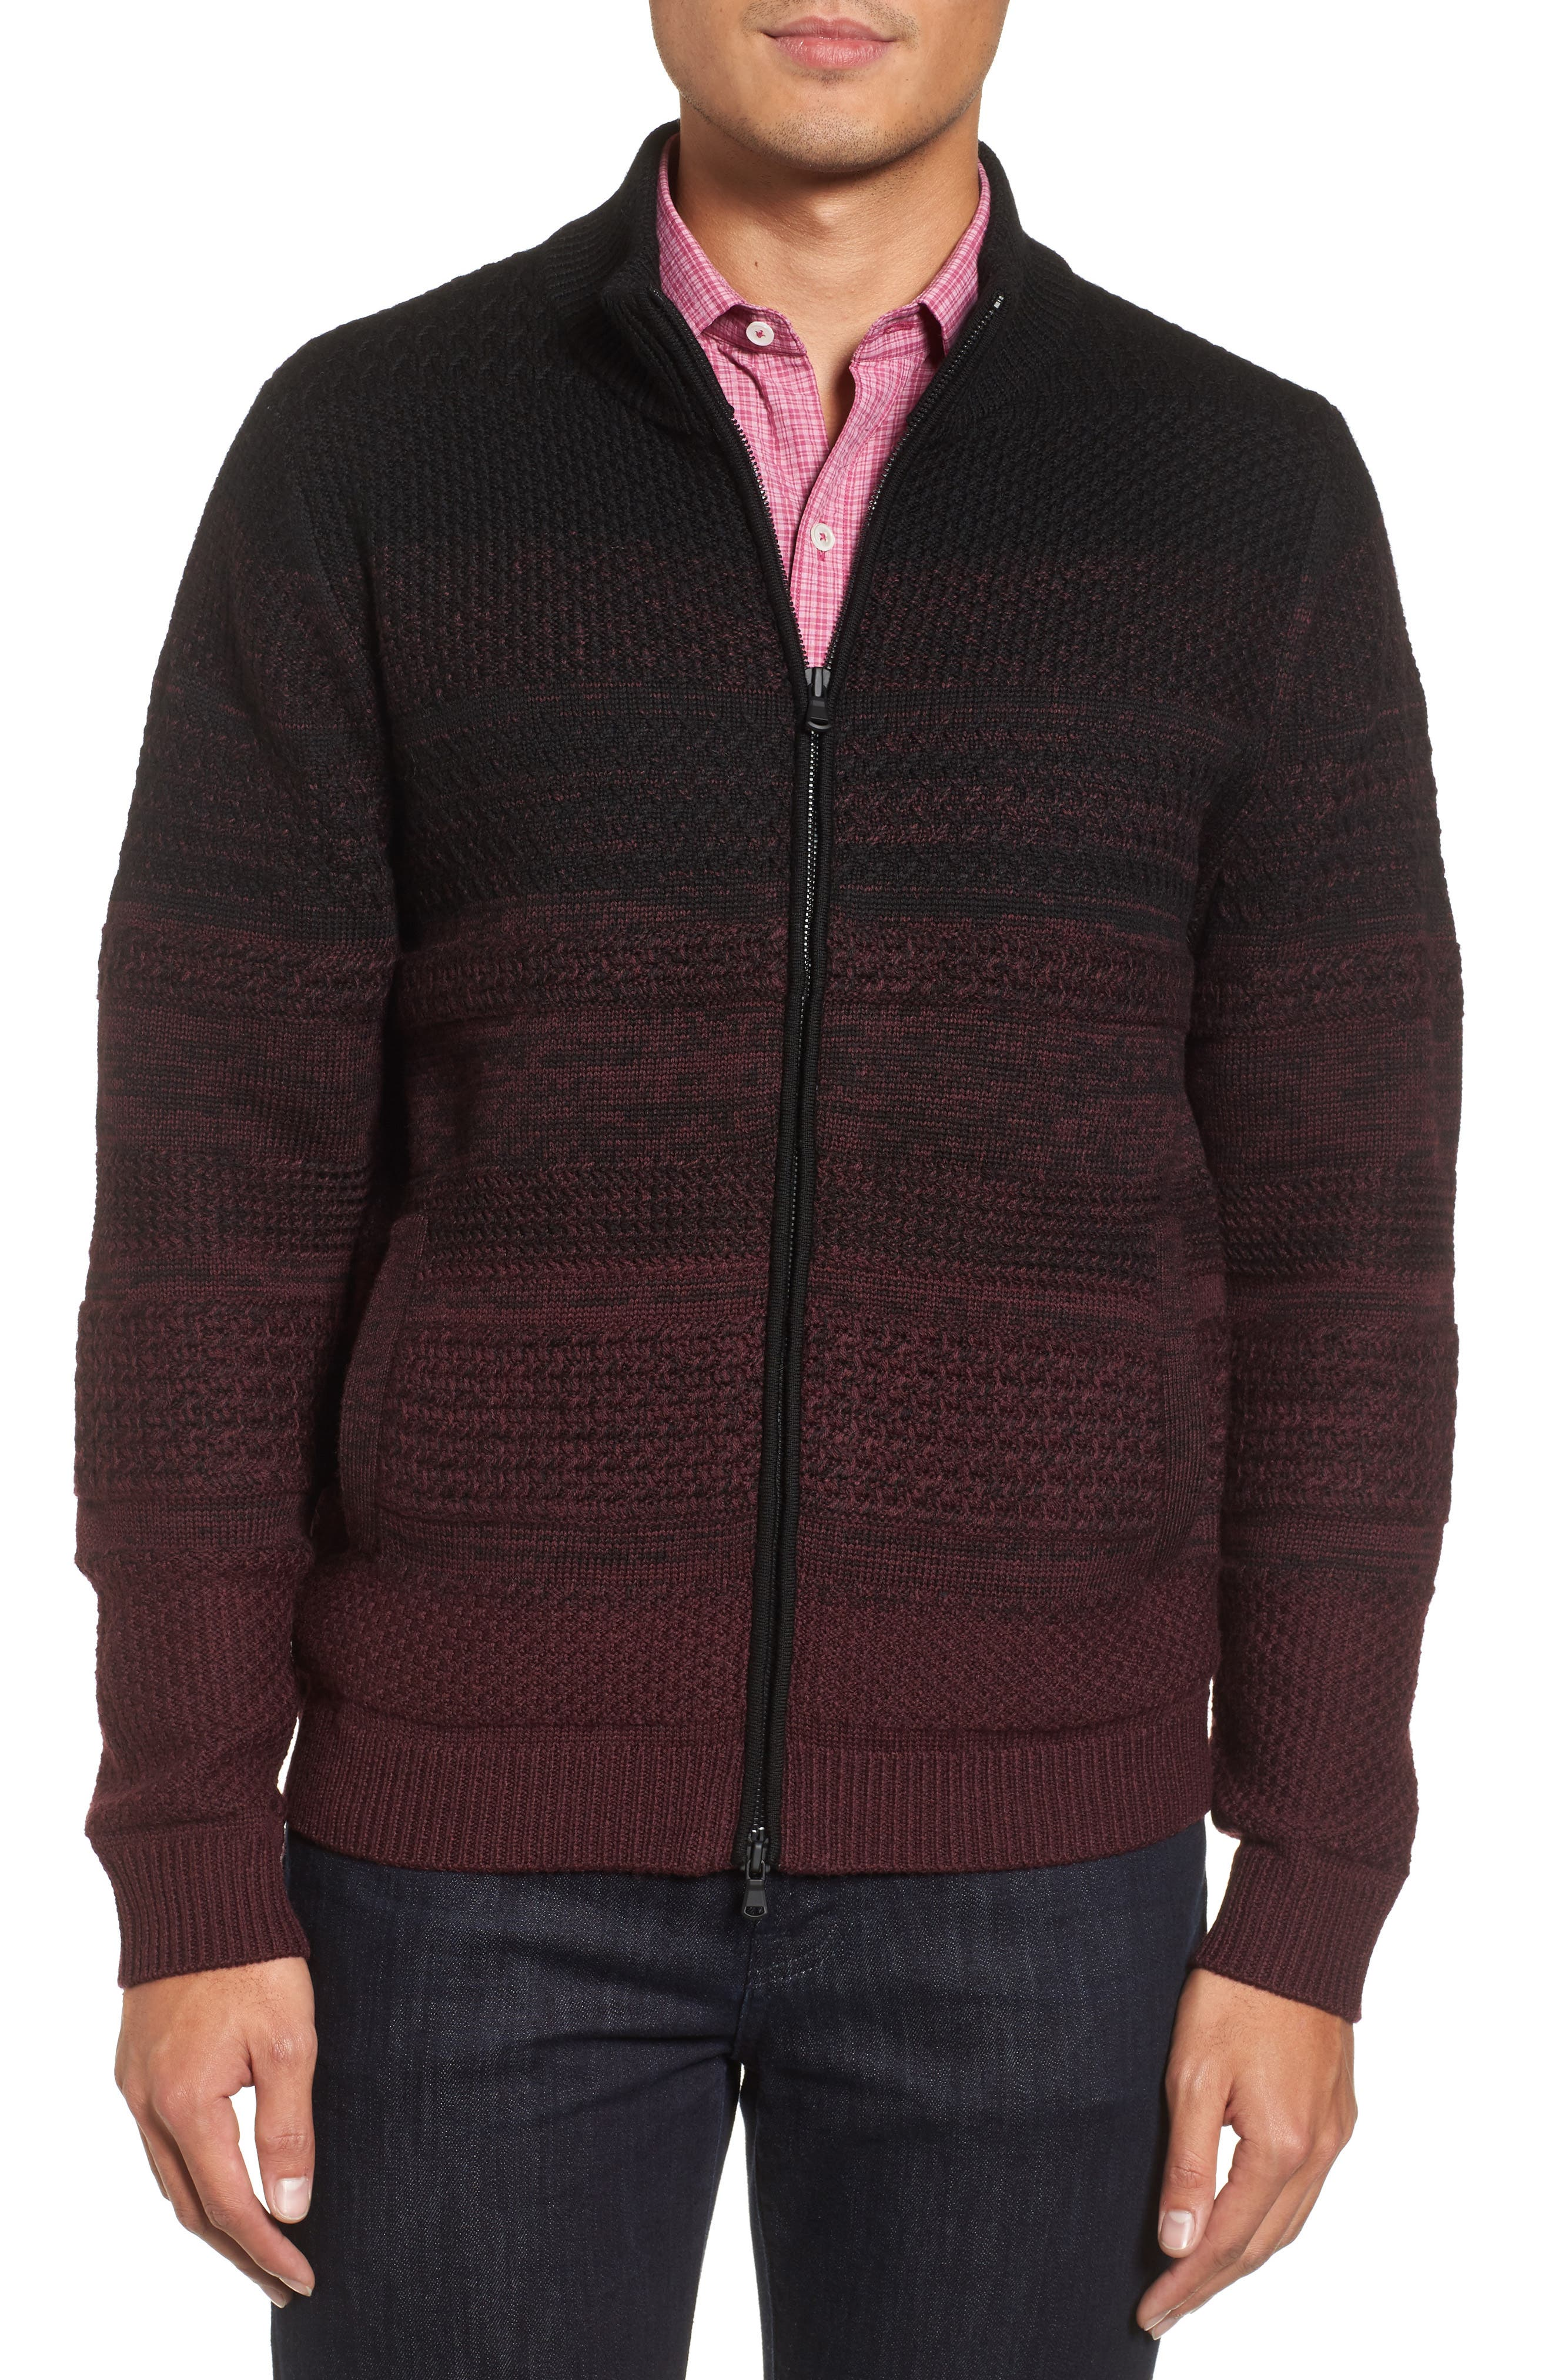 Hawkins Degrade Merino Full Zip Cardigan,                         Main,                         color, Burgundy